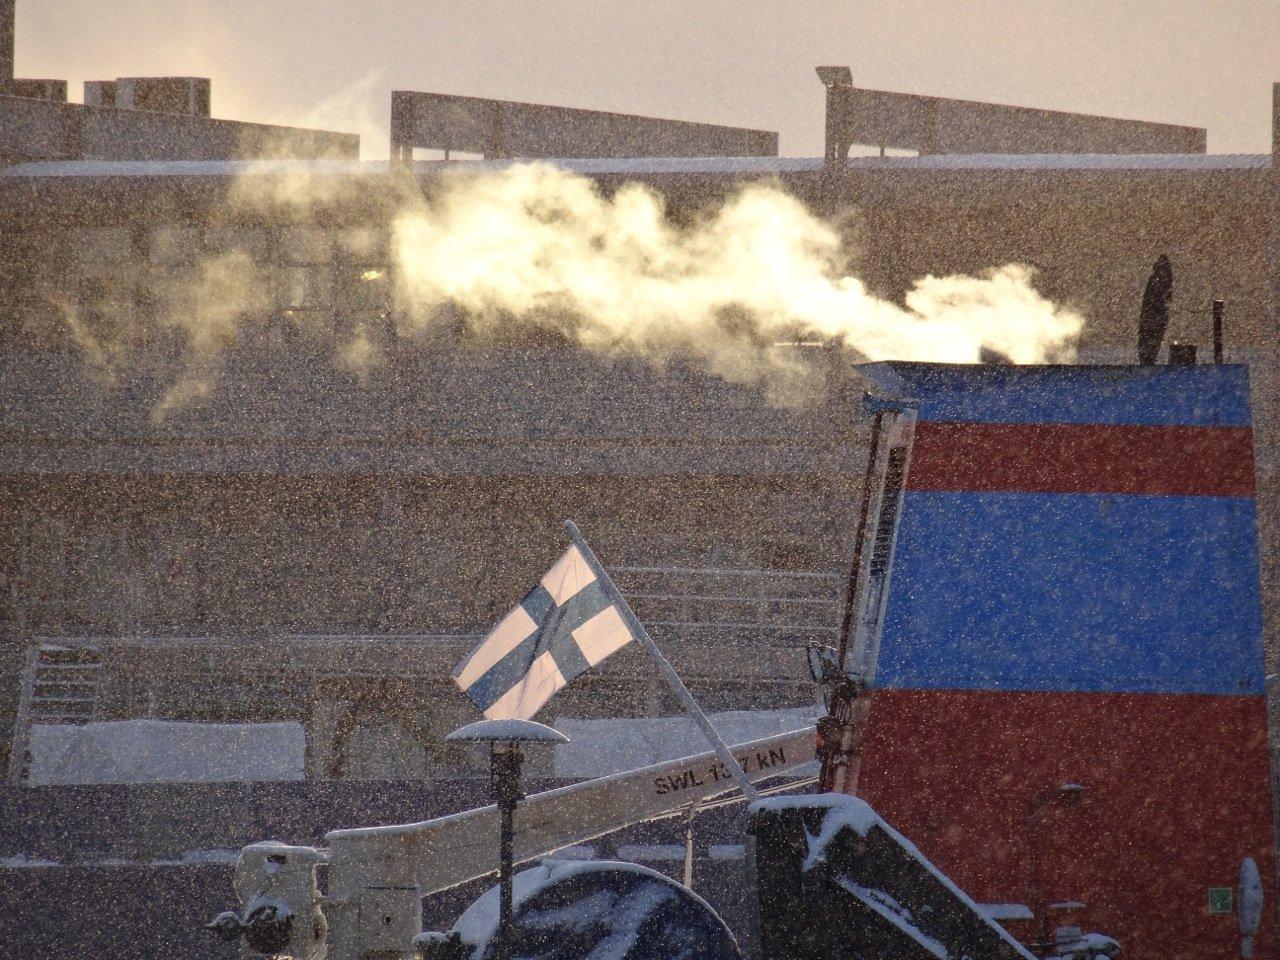 Leichter Schneefall in Helsinki. Finnische Fahne auf einem Fischerboot. Finland 2016 ©Tarja Prüss | Tarjas Blog - Reiseblog Finnland